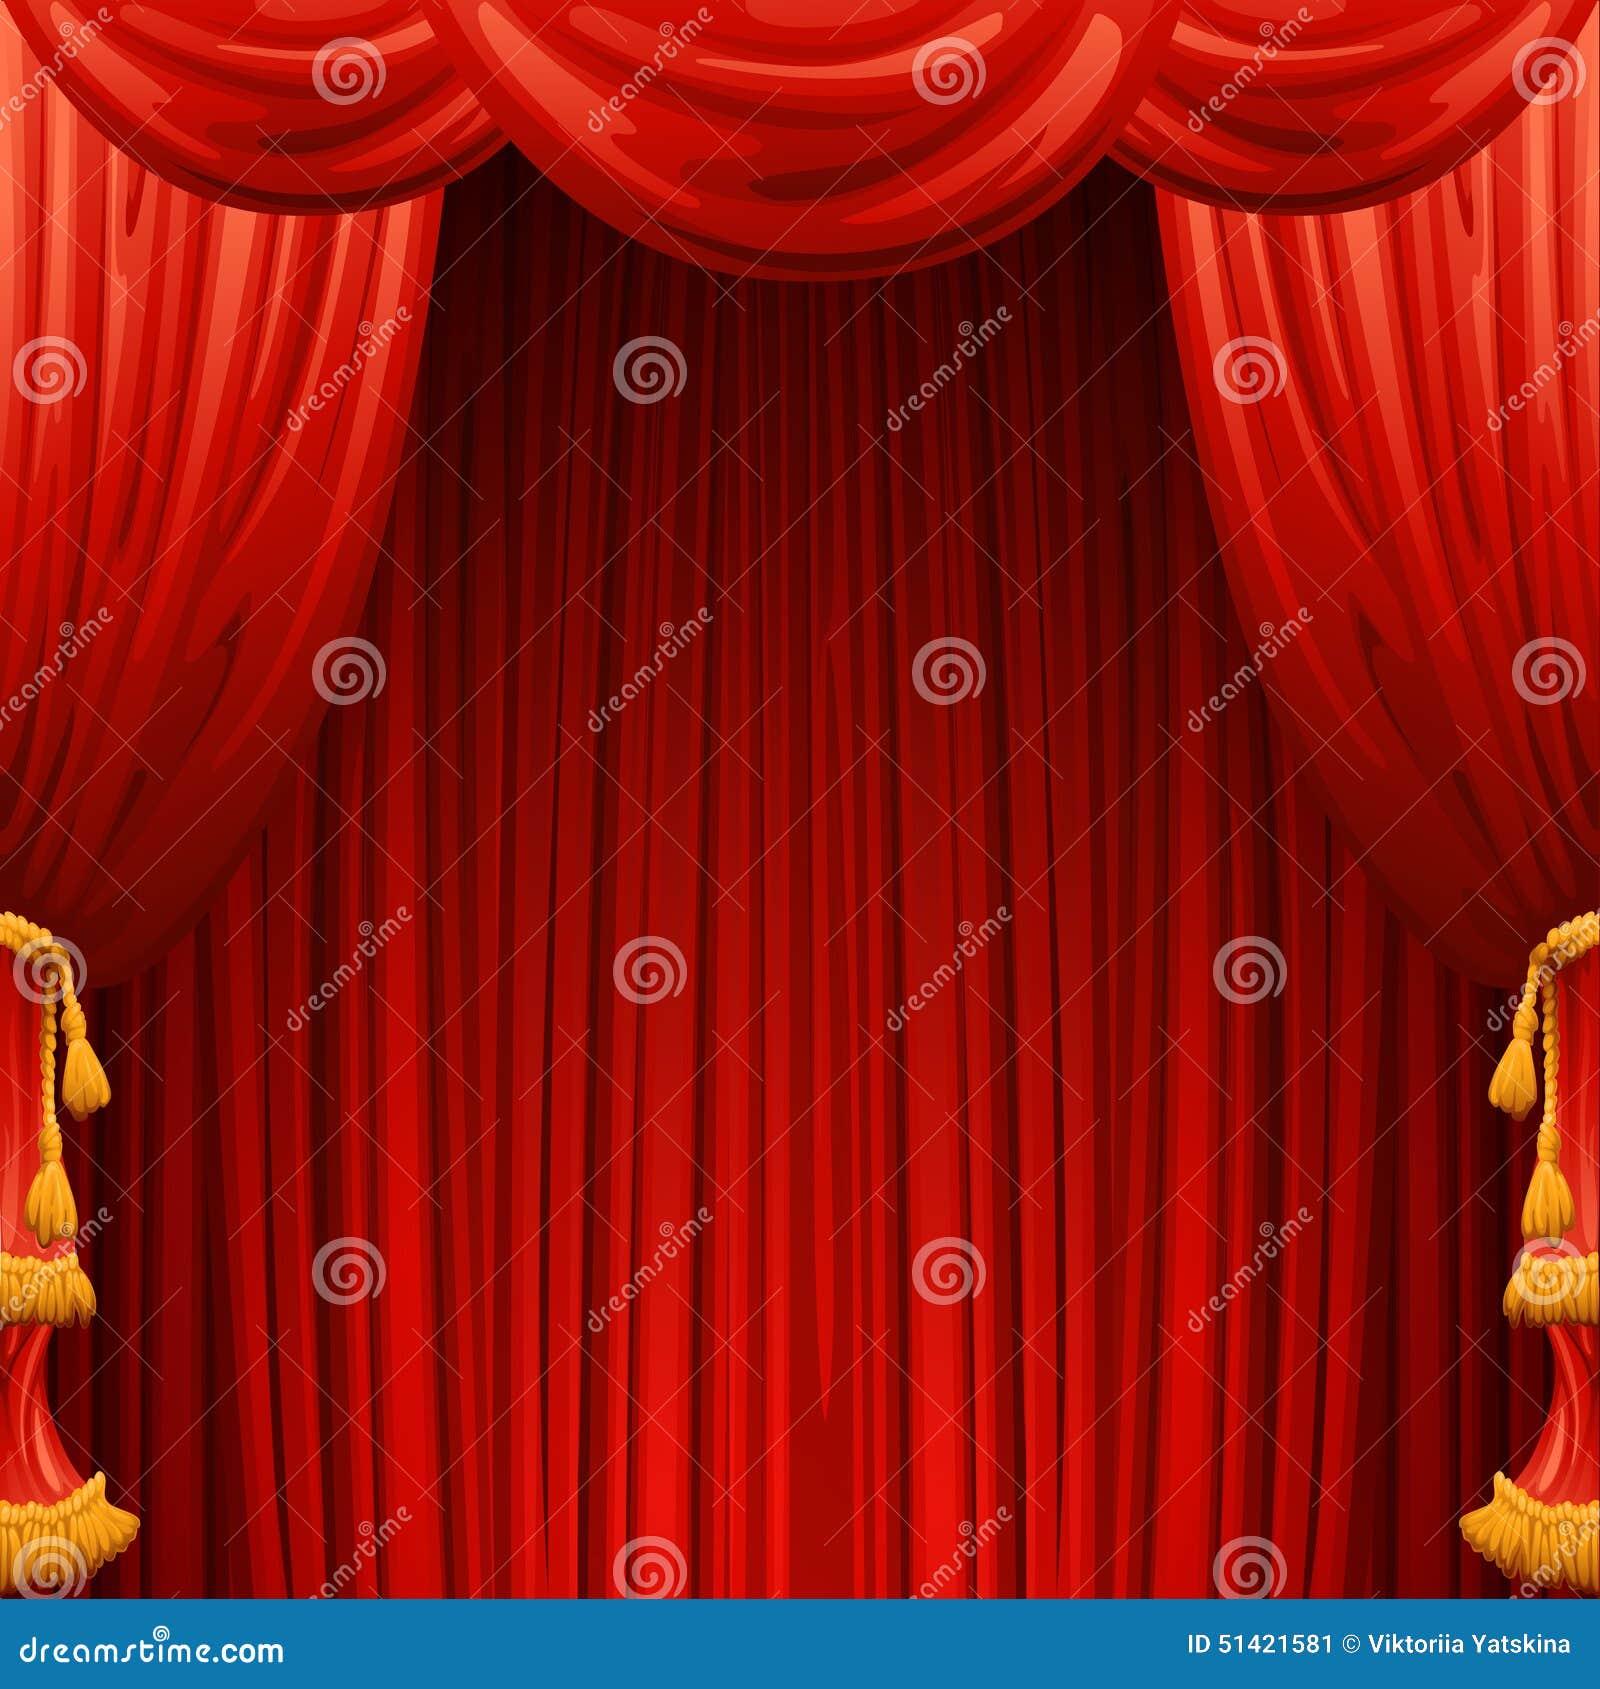 rode gordijnen theaterscne vector illustratie